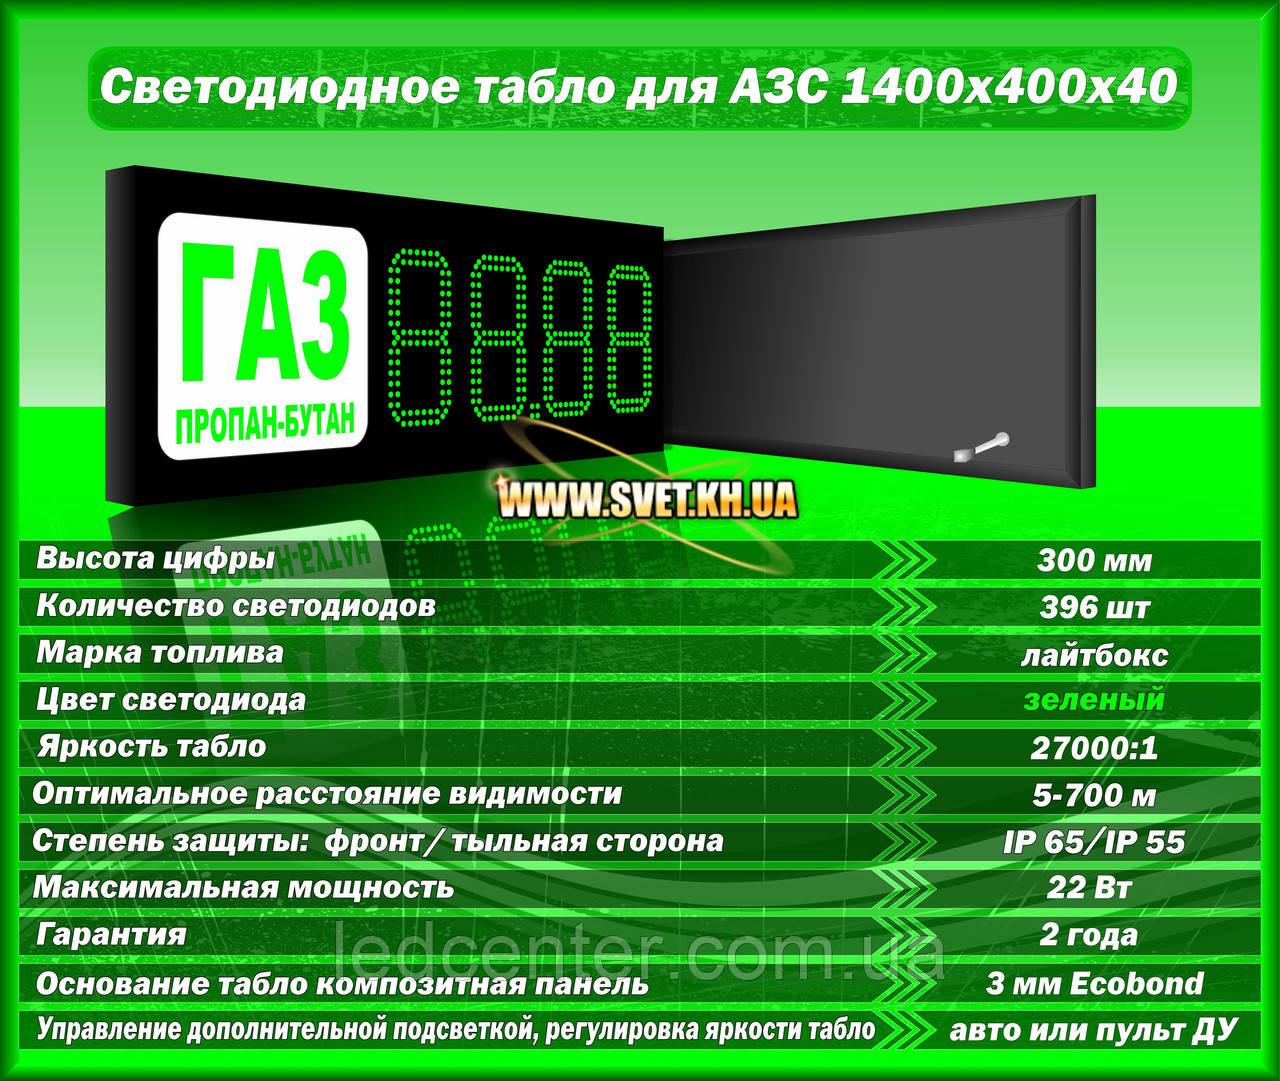 Табло для АЗС 1400x400x40 на зеленых матовых светодиодах